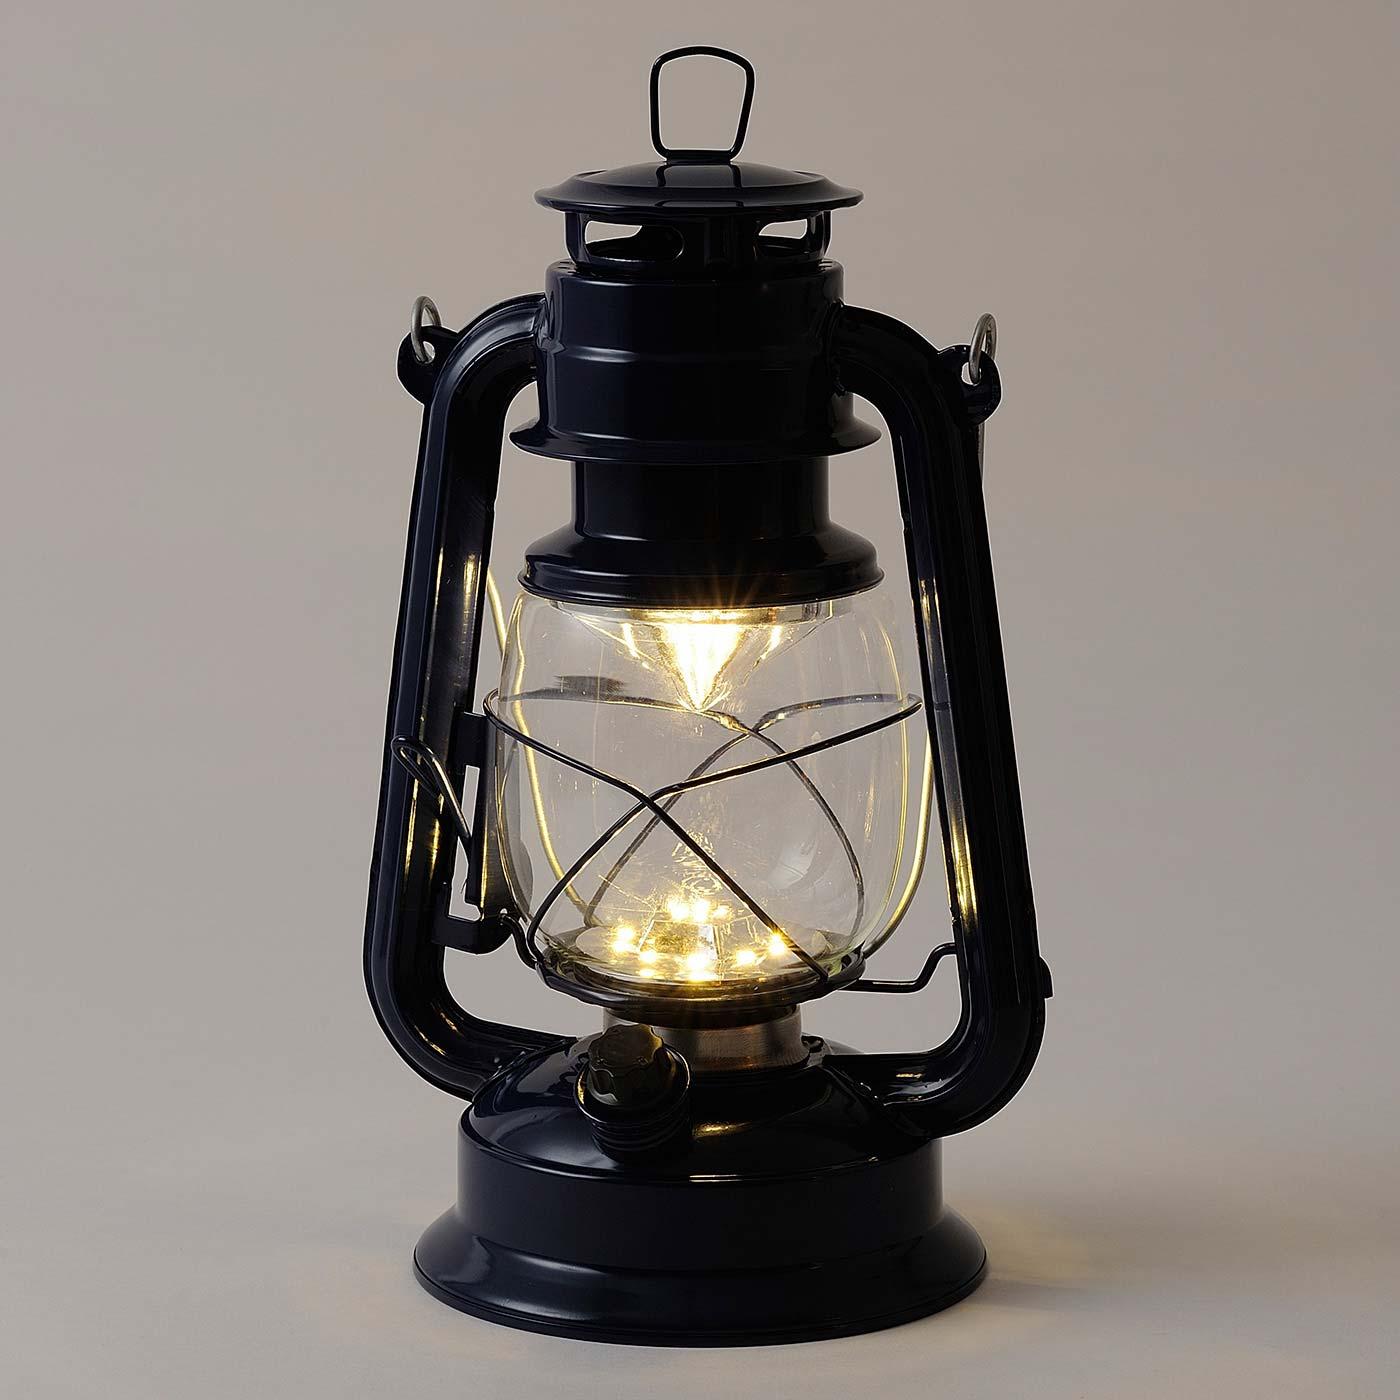 シーンによって、ダイヤルを回せばお好みの明るさに調節できます。 ※写真は〈ネイビー〉です。